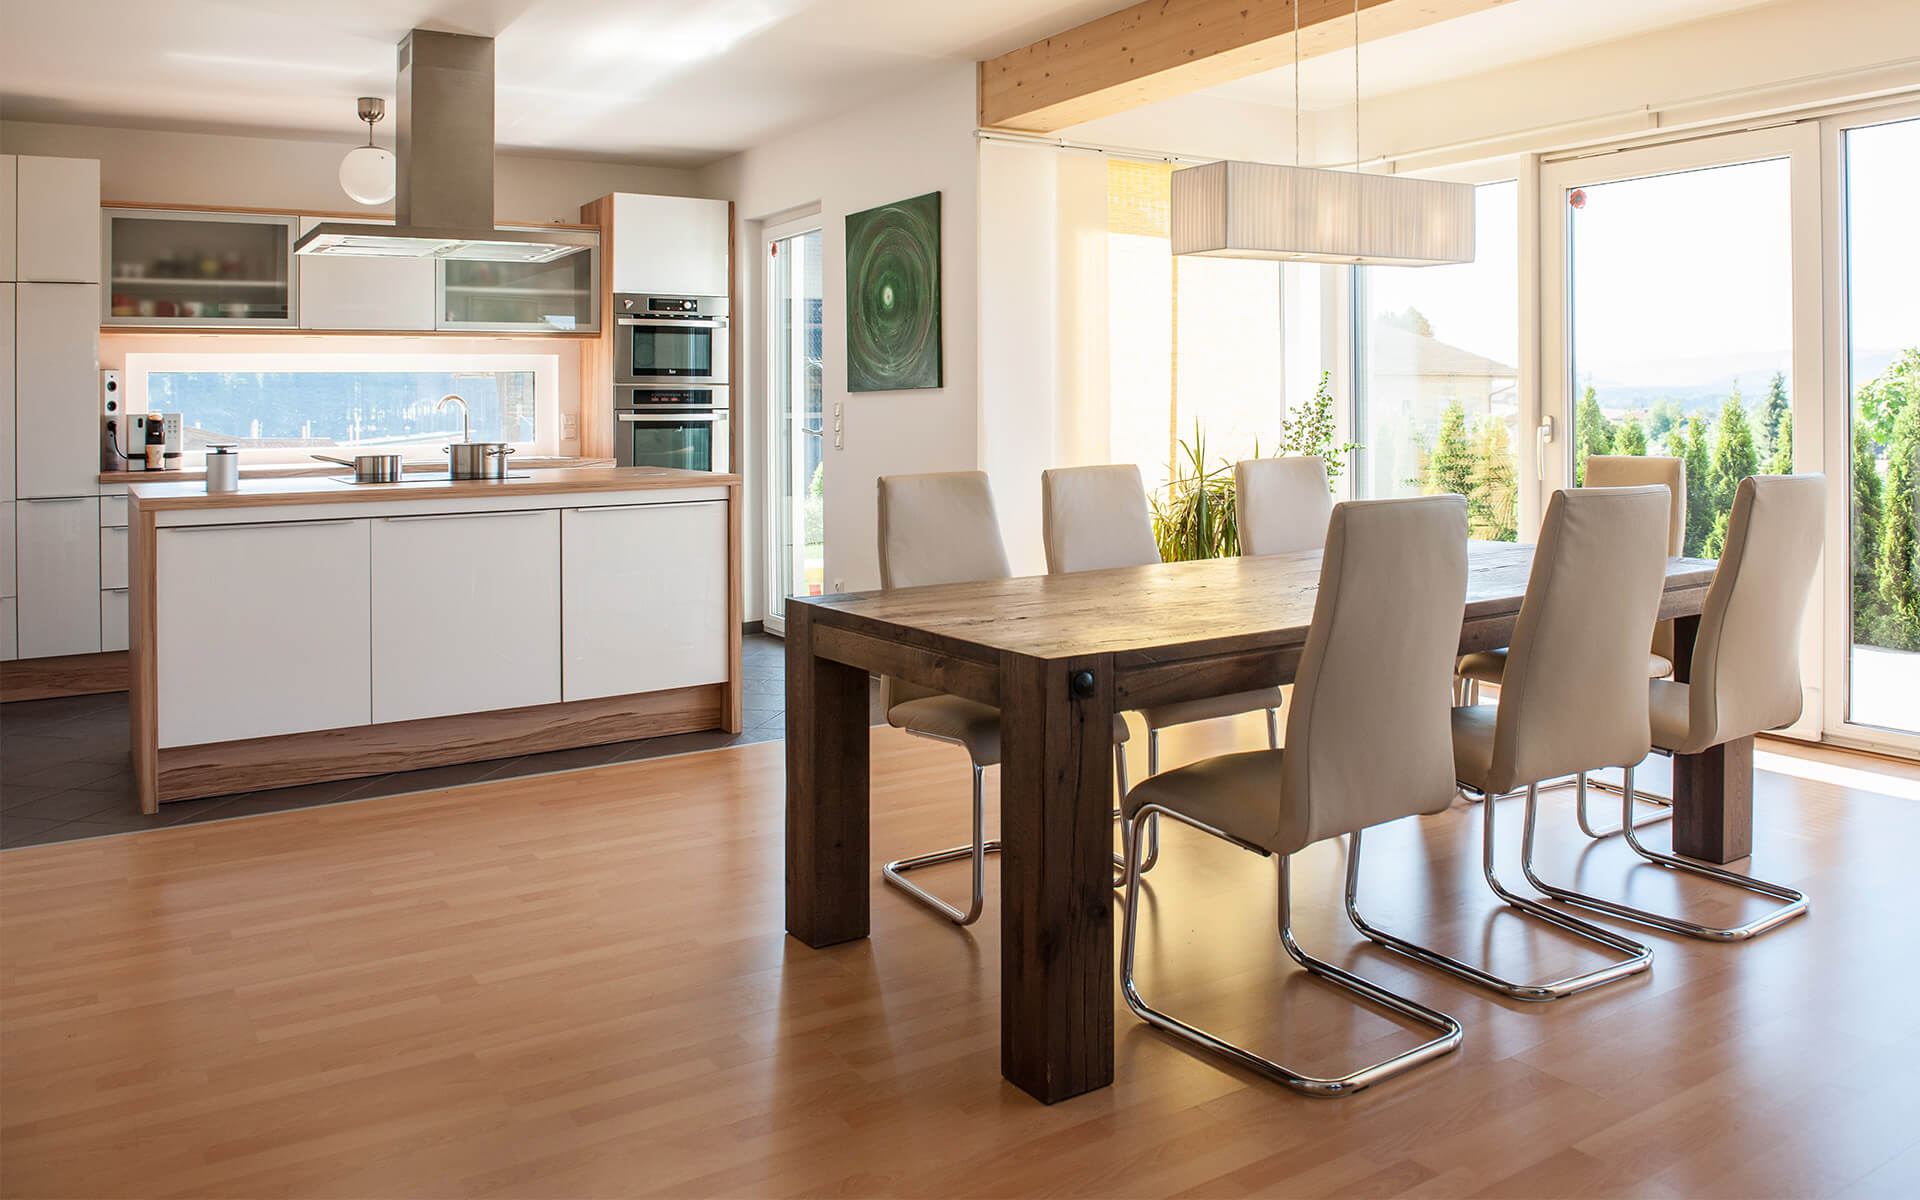 Fertighaus bauen mit WOLF Haus - Gesund, ökologisch und nachhaltig